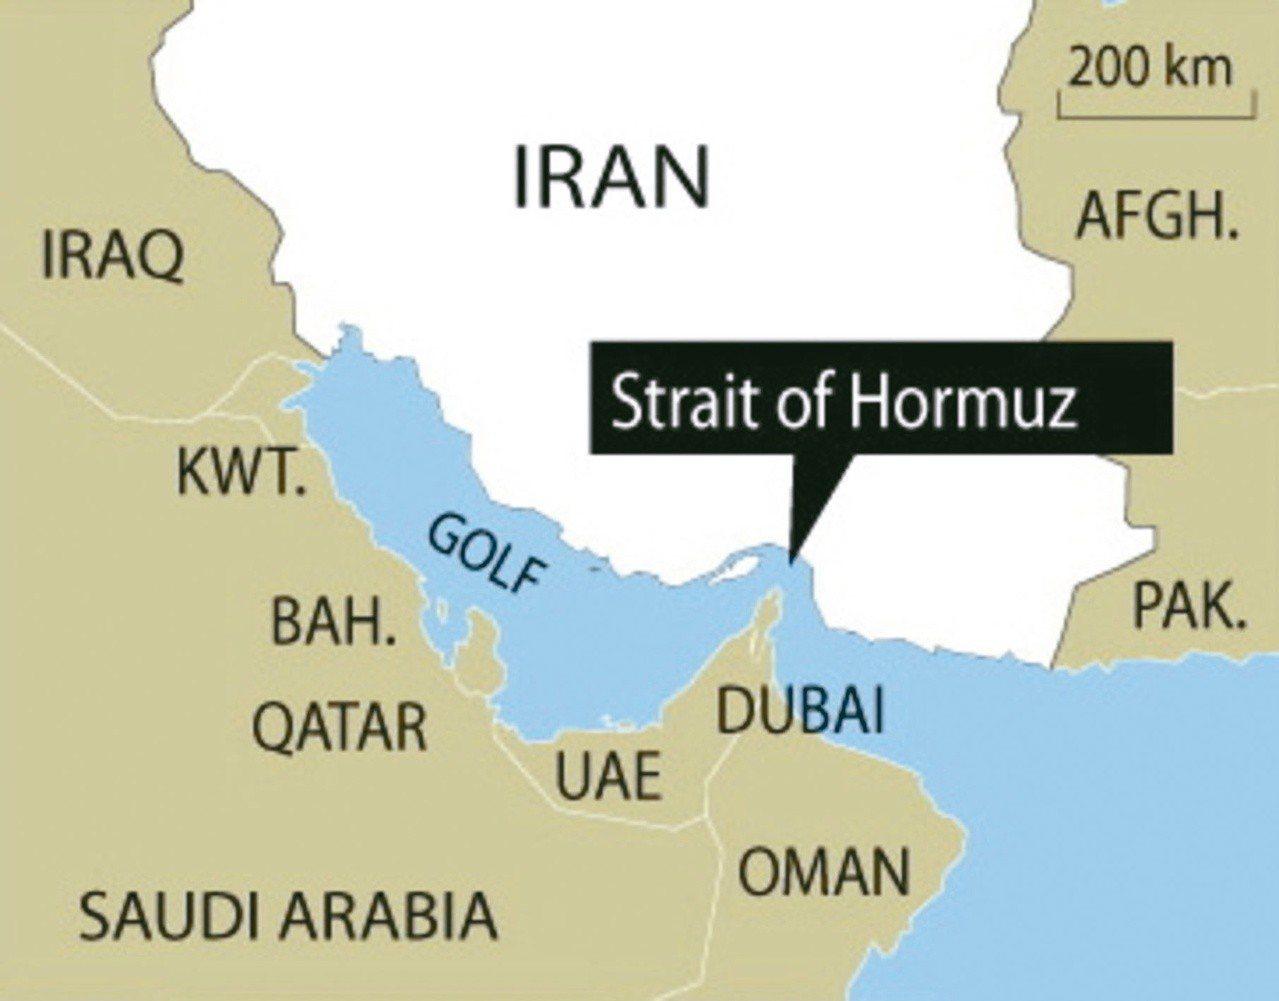 面對美國加強制裁,伊朗當局表示要封鎖全球最重要石油運輸航道荷姆茲海峽,破壞石油運...